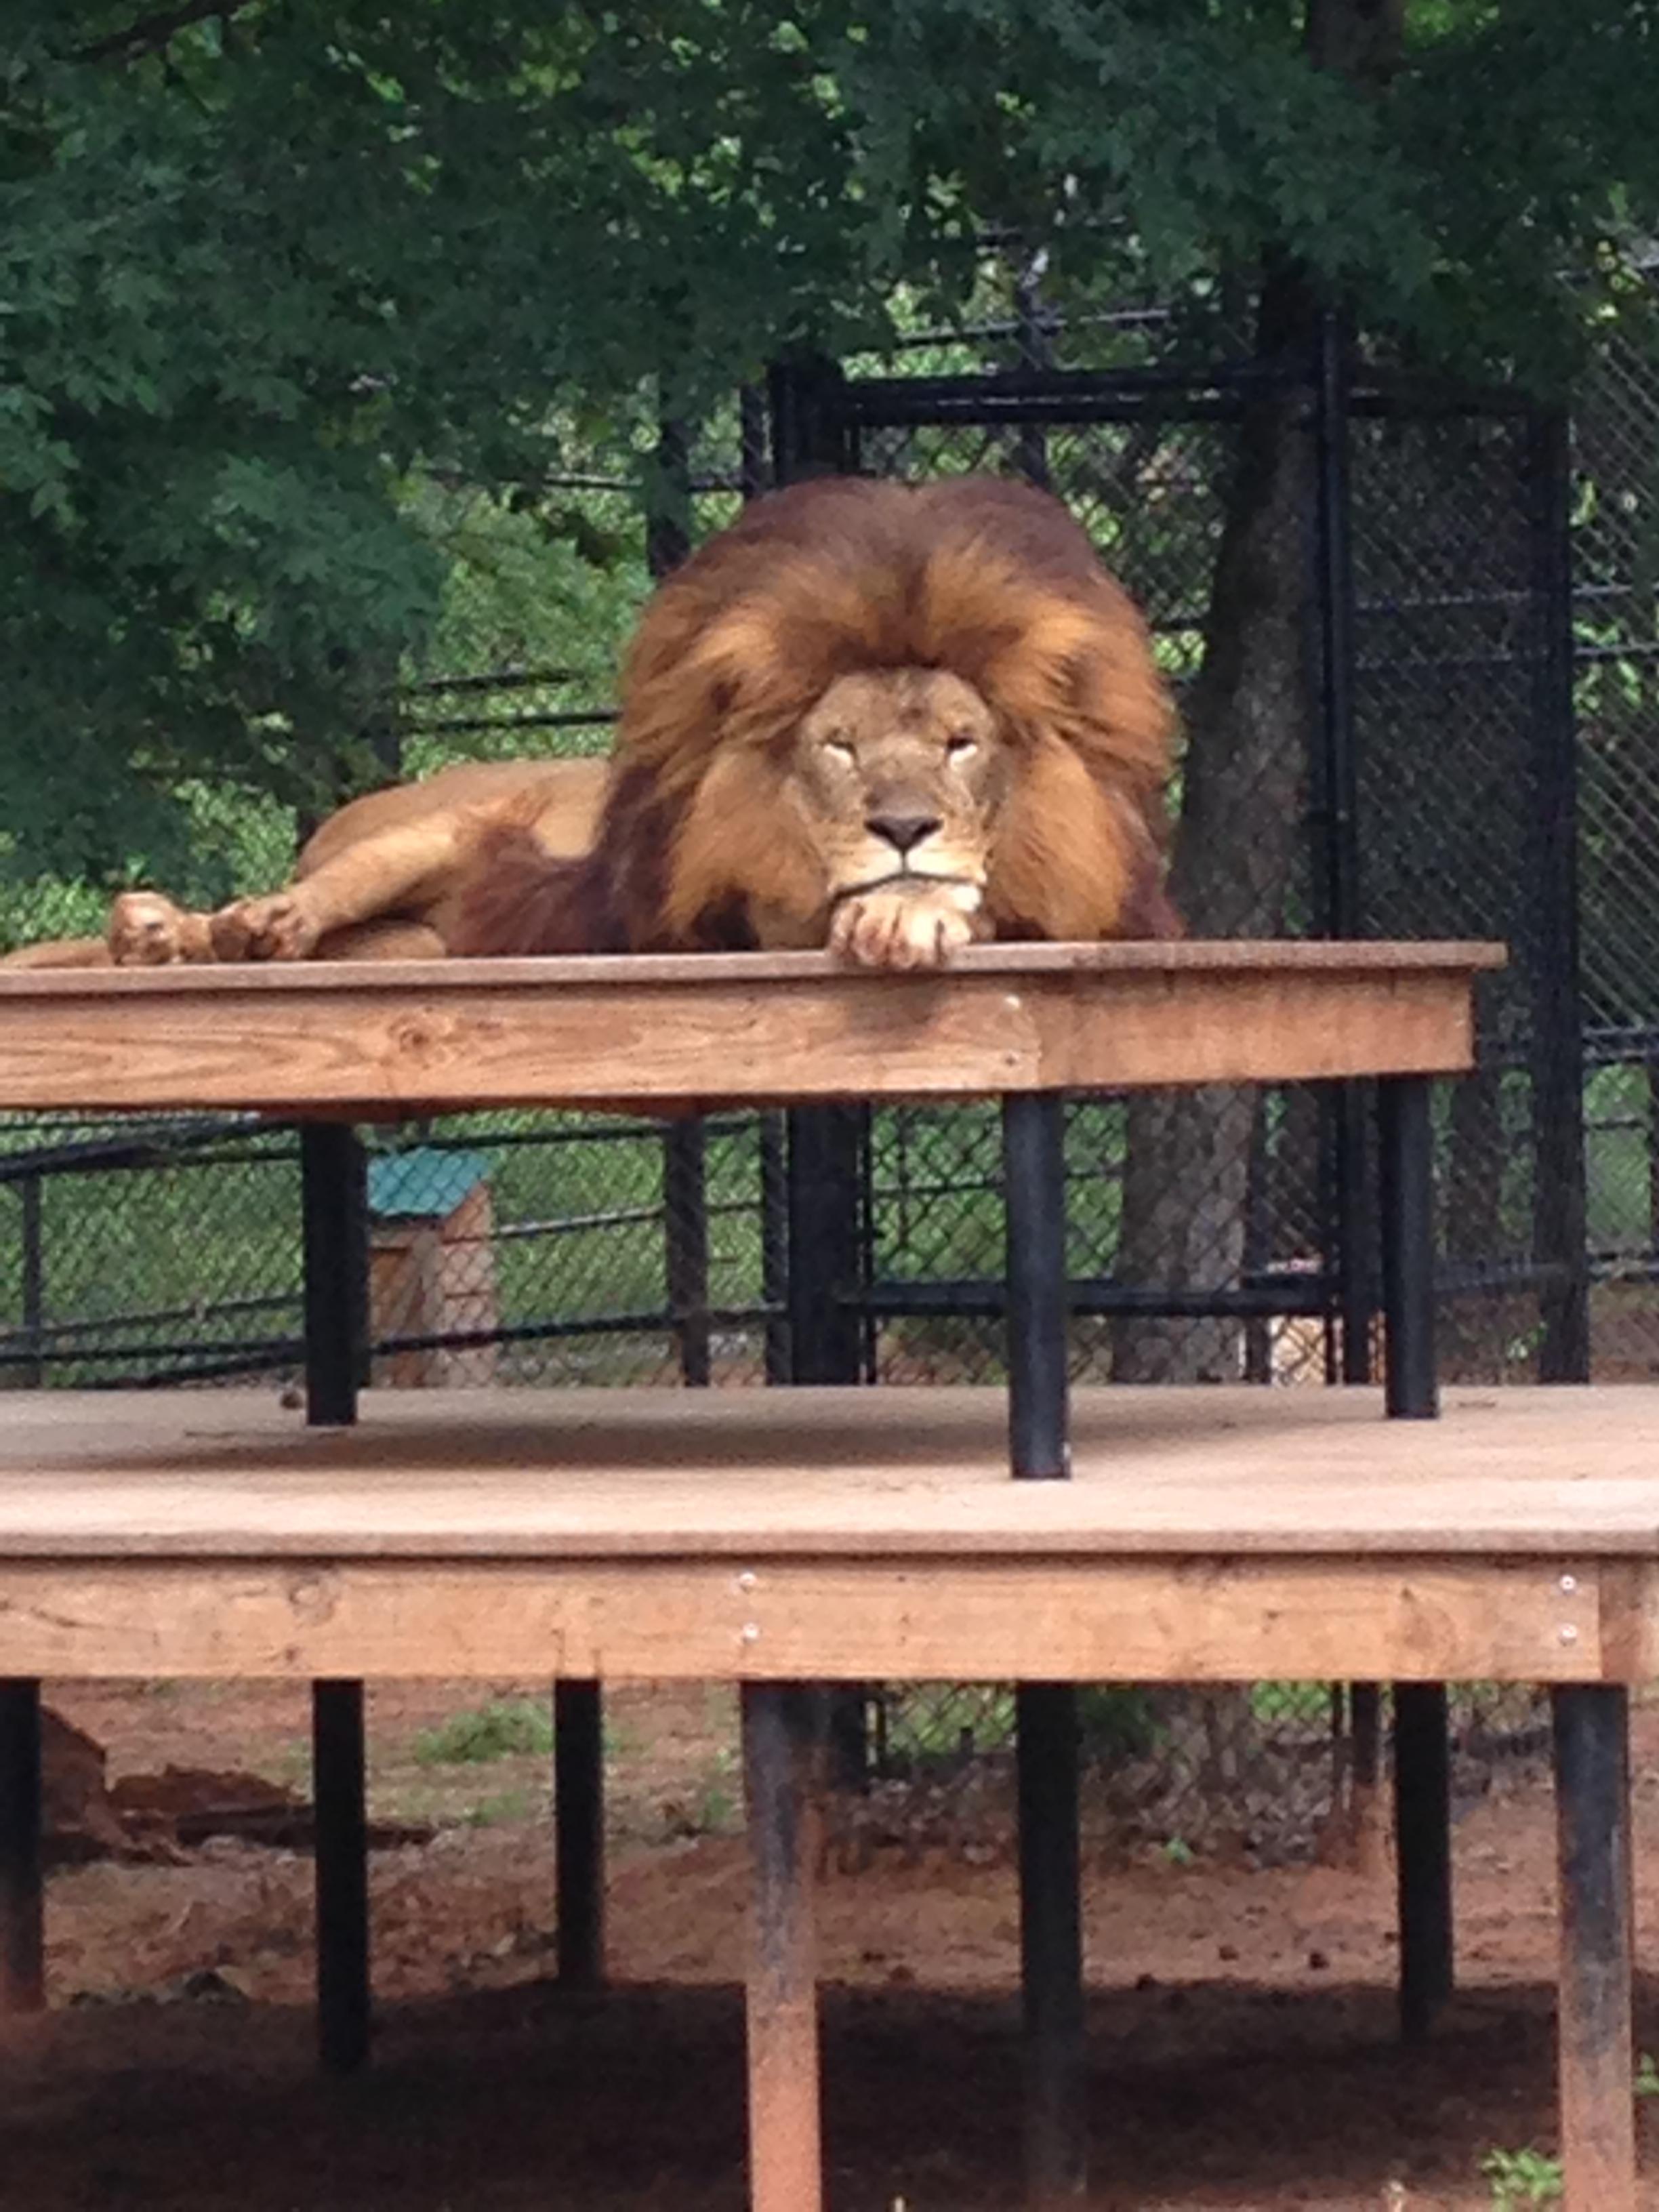 zoo animals 16